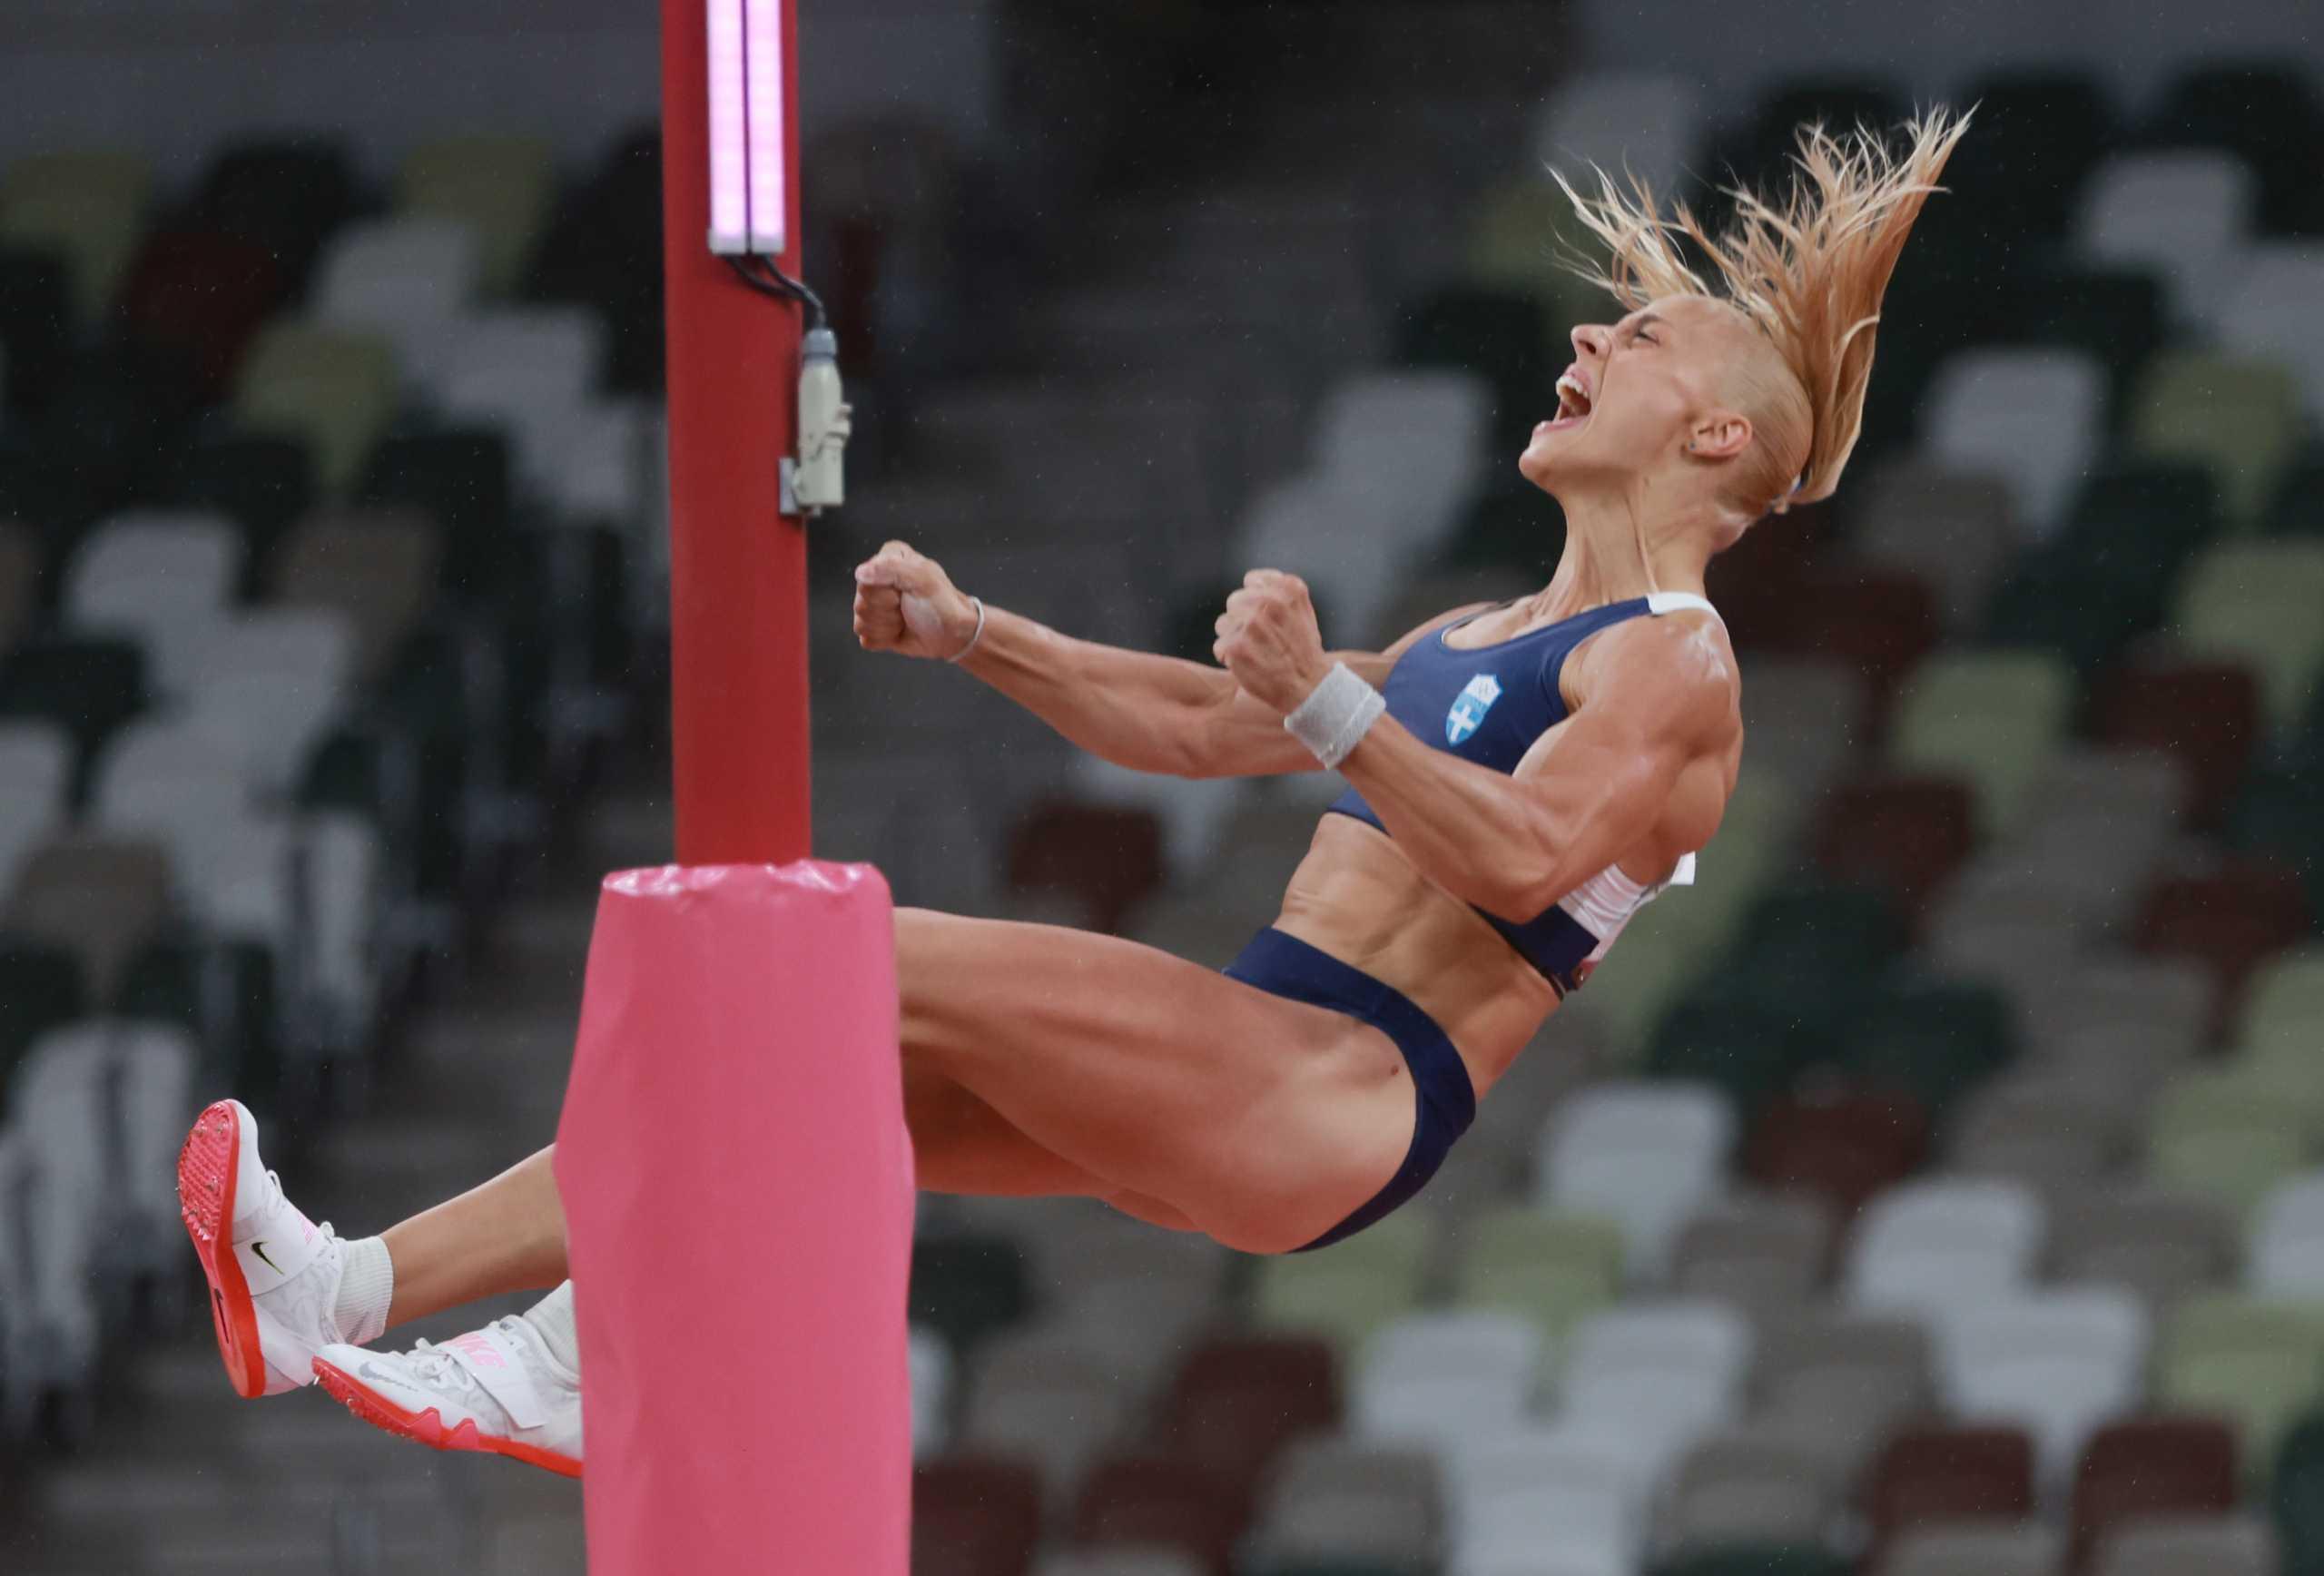 Ολυμπιακοί Αγώνες: Στον τελικό του επί κοντώ Κατερίνα Στεφανίδη και Νικόλ Κυριακοπούλου – Εκτός η Πόλακ